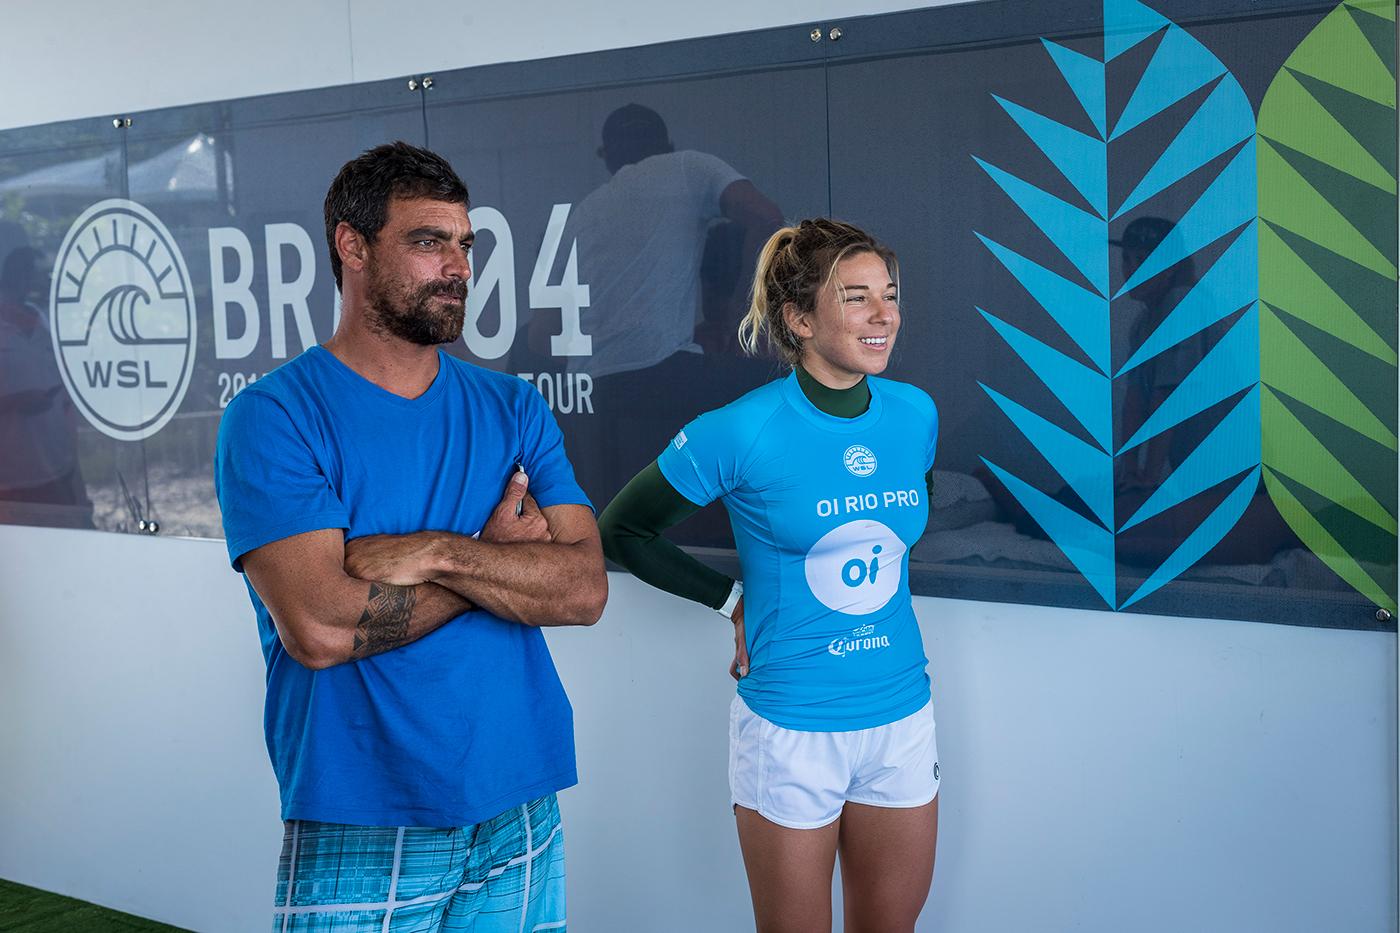 Leo Neves e Coco Ho, Oi Rio Women's Pro 2017, praia de Itaúna, Saquarema (RJ). Foto: WSL / Poullenot.